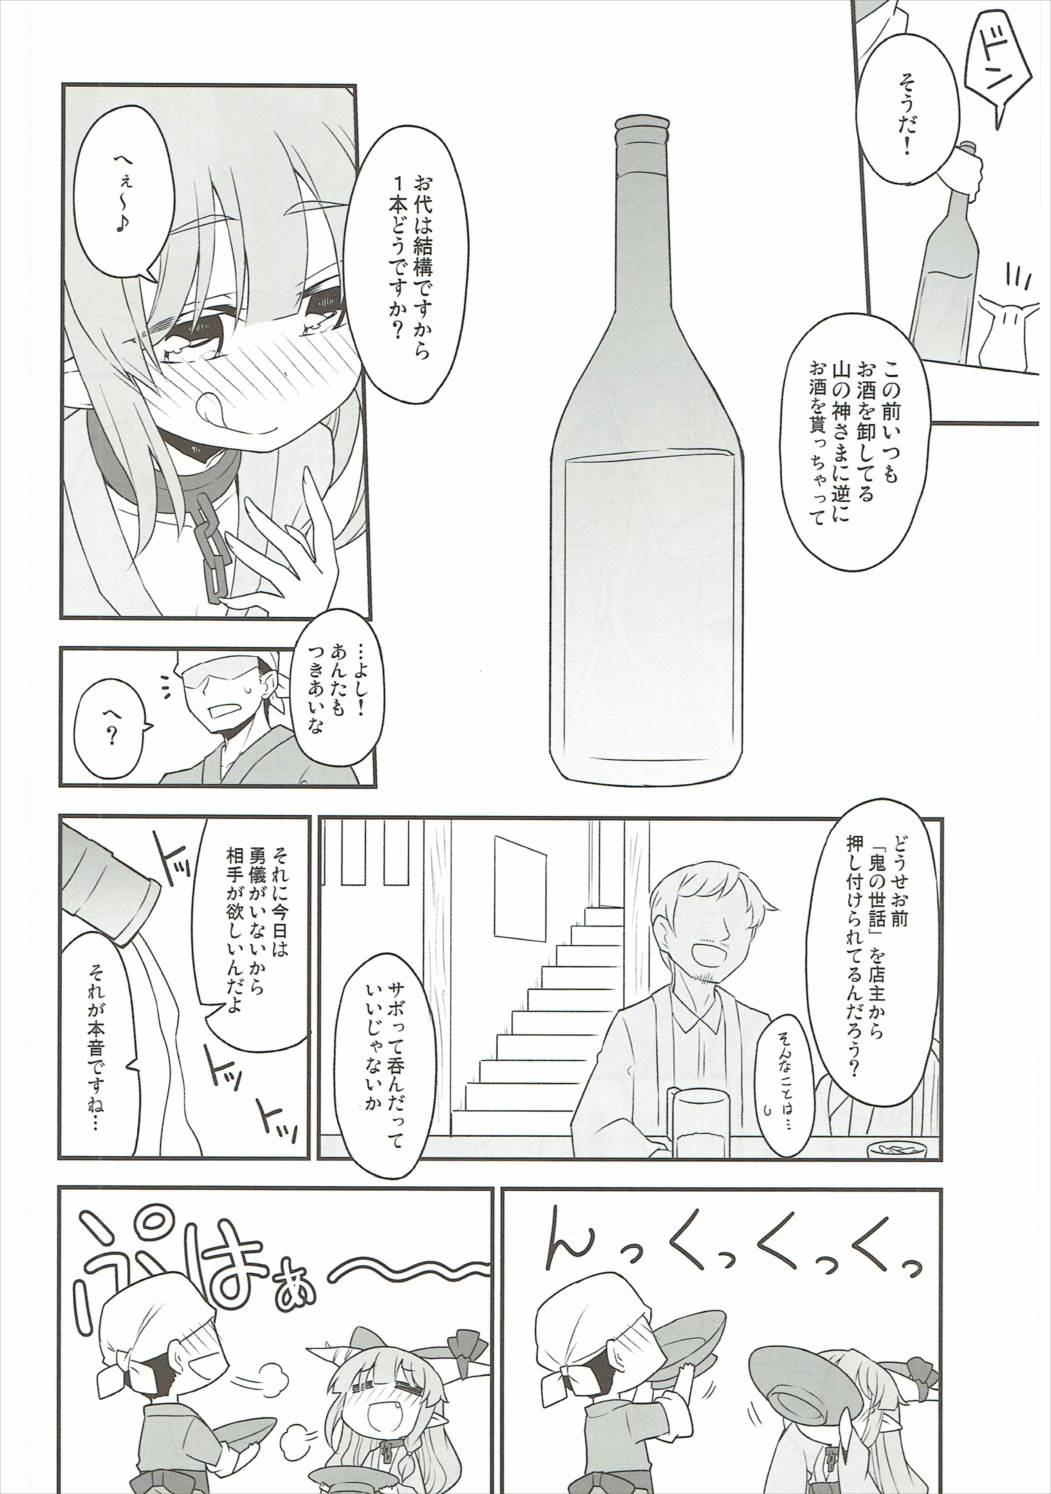 【東方 エロ漫画・エロ同人】特別な酒で力が入らなくなってるところを店員に脱がされてザーメン中出しwwwww (5)